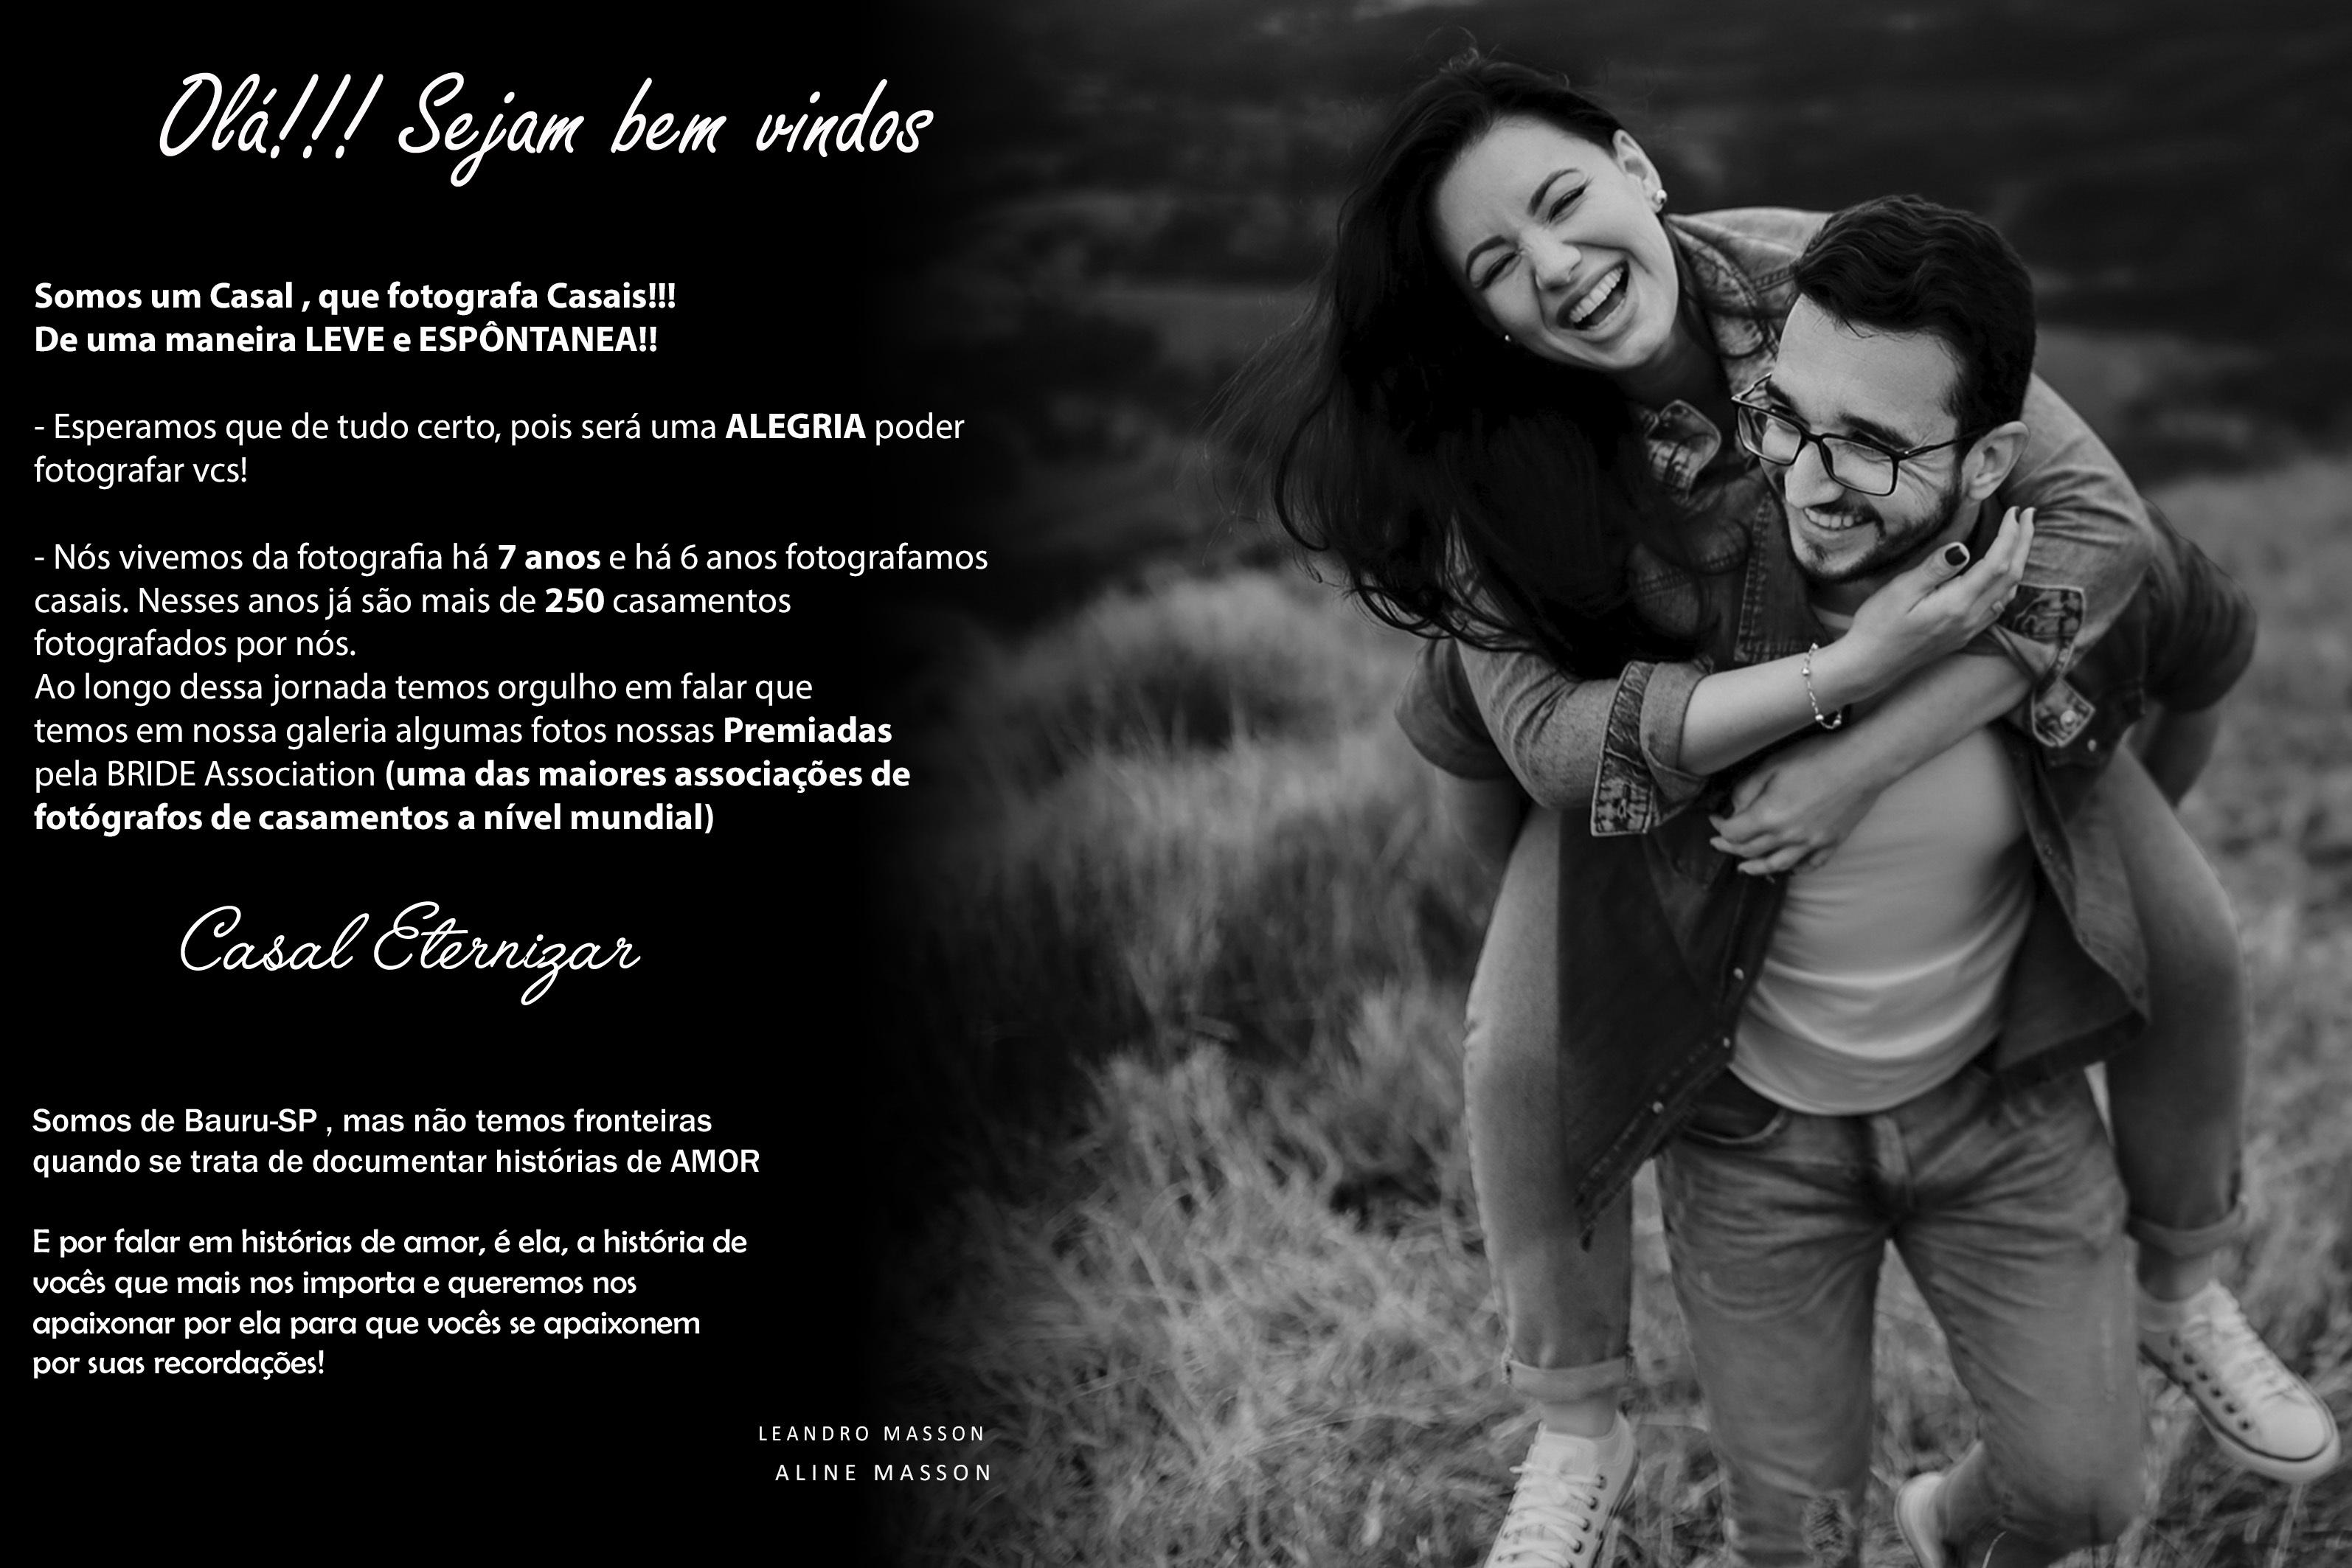 Sobre Fotografo de casamentos Eternizar Fotografia de casamentos